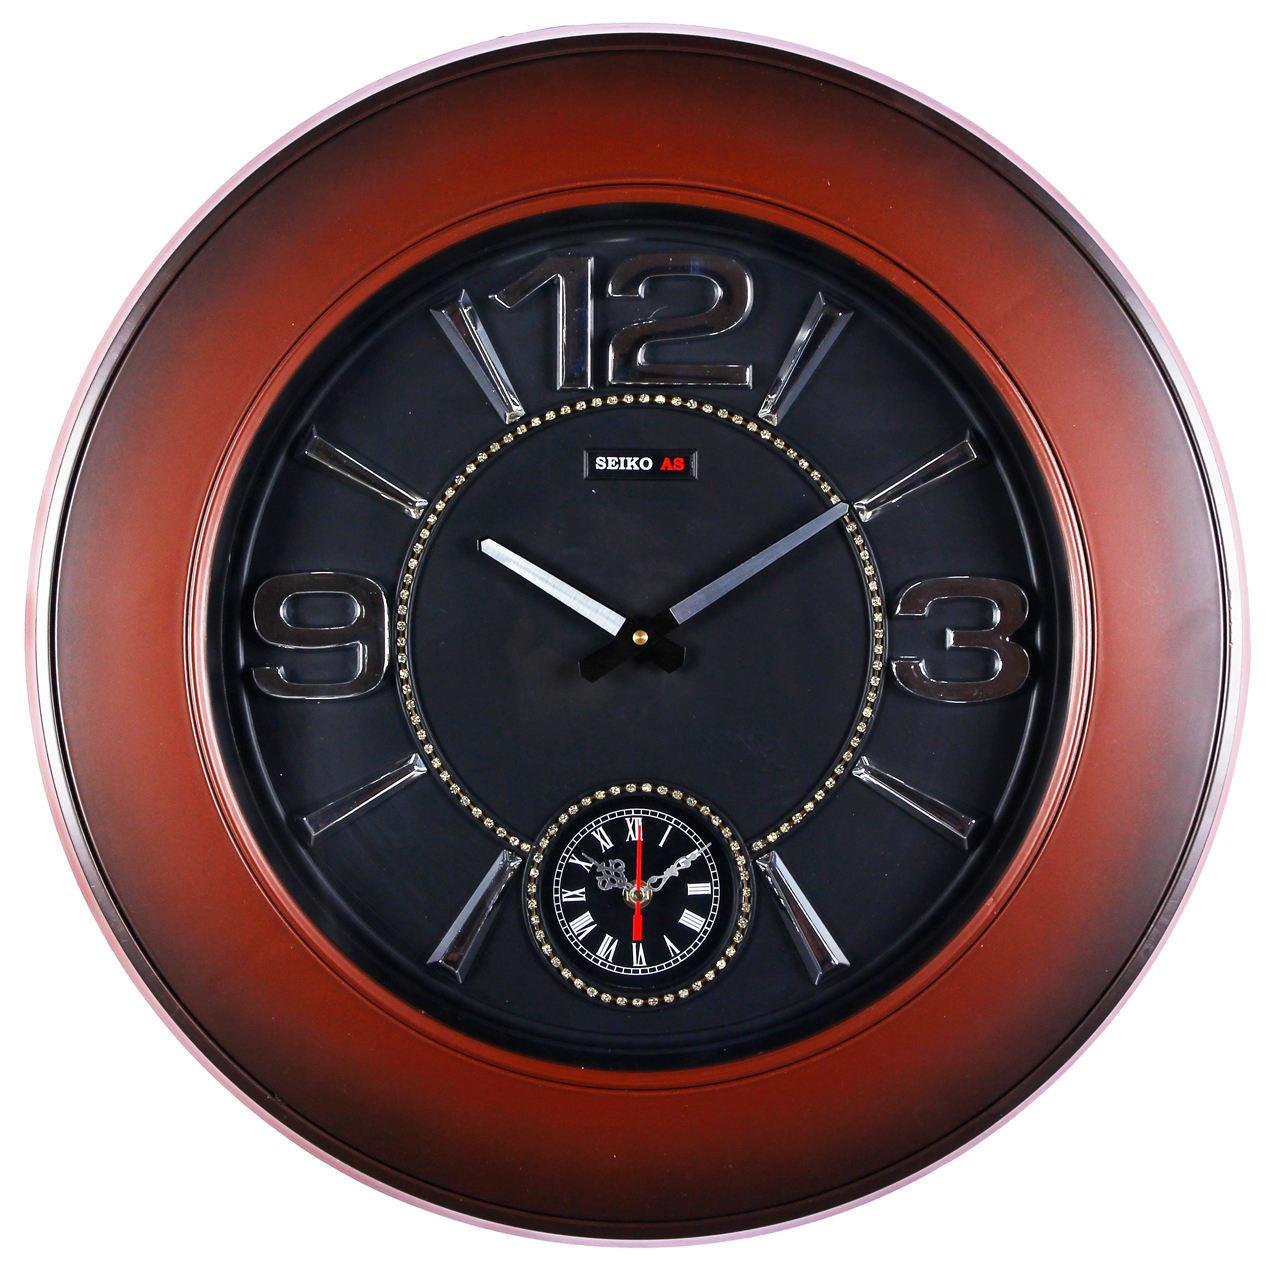 خرید ساعت دیواری سیکو  کد DELGHT-398 | ساعت مچی